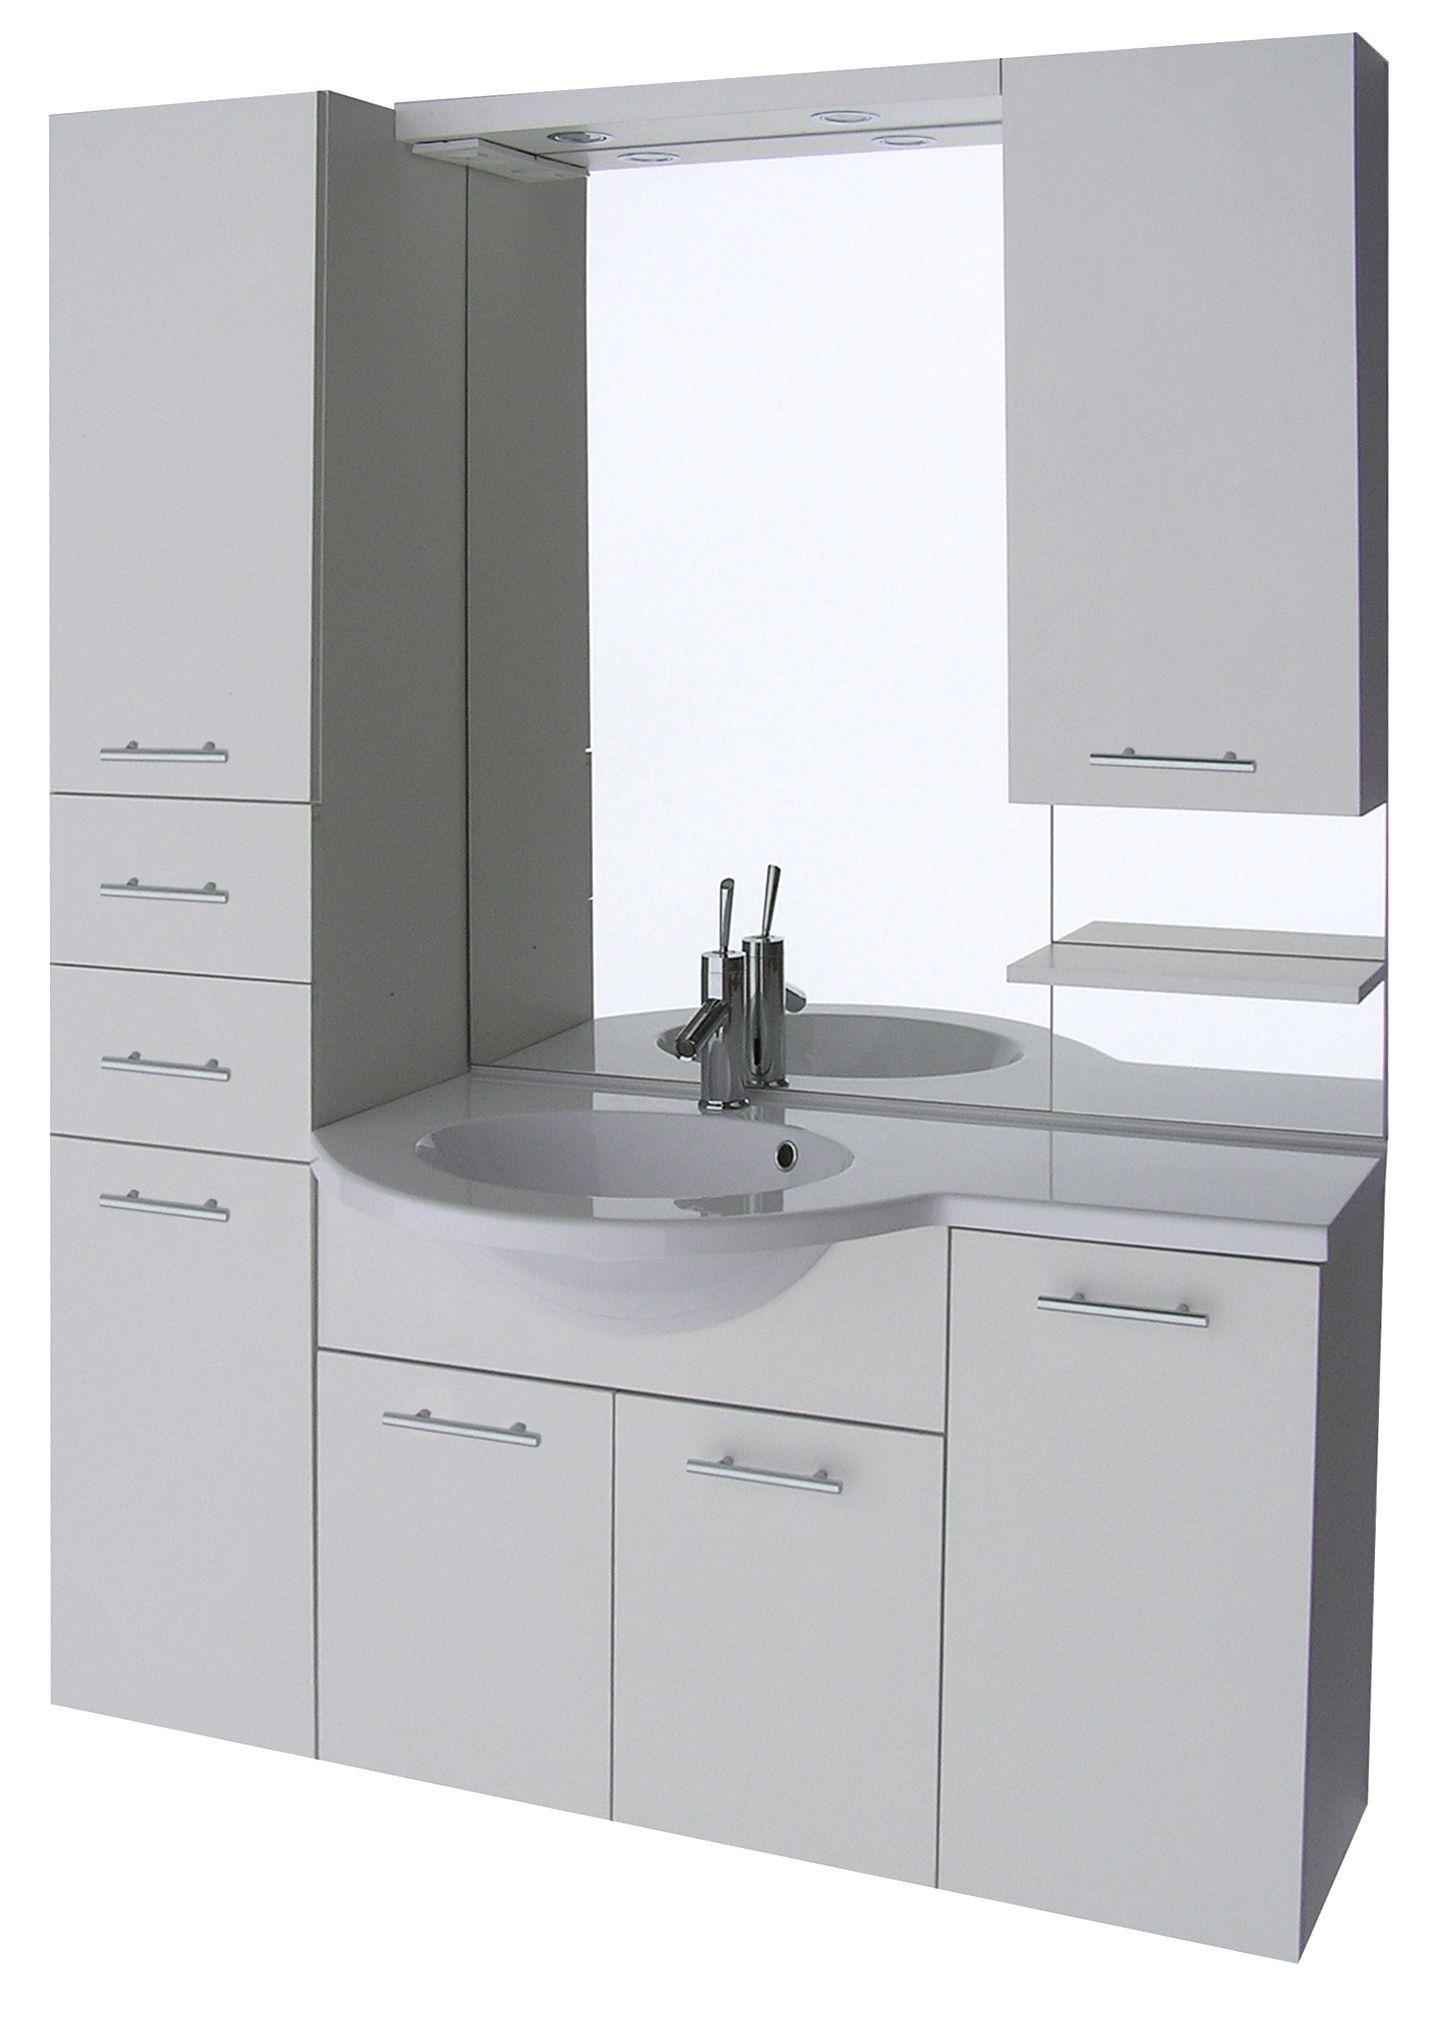 Badstuber Atrium badmeubel 135cm met spiegel wit